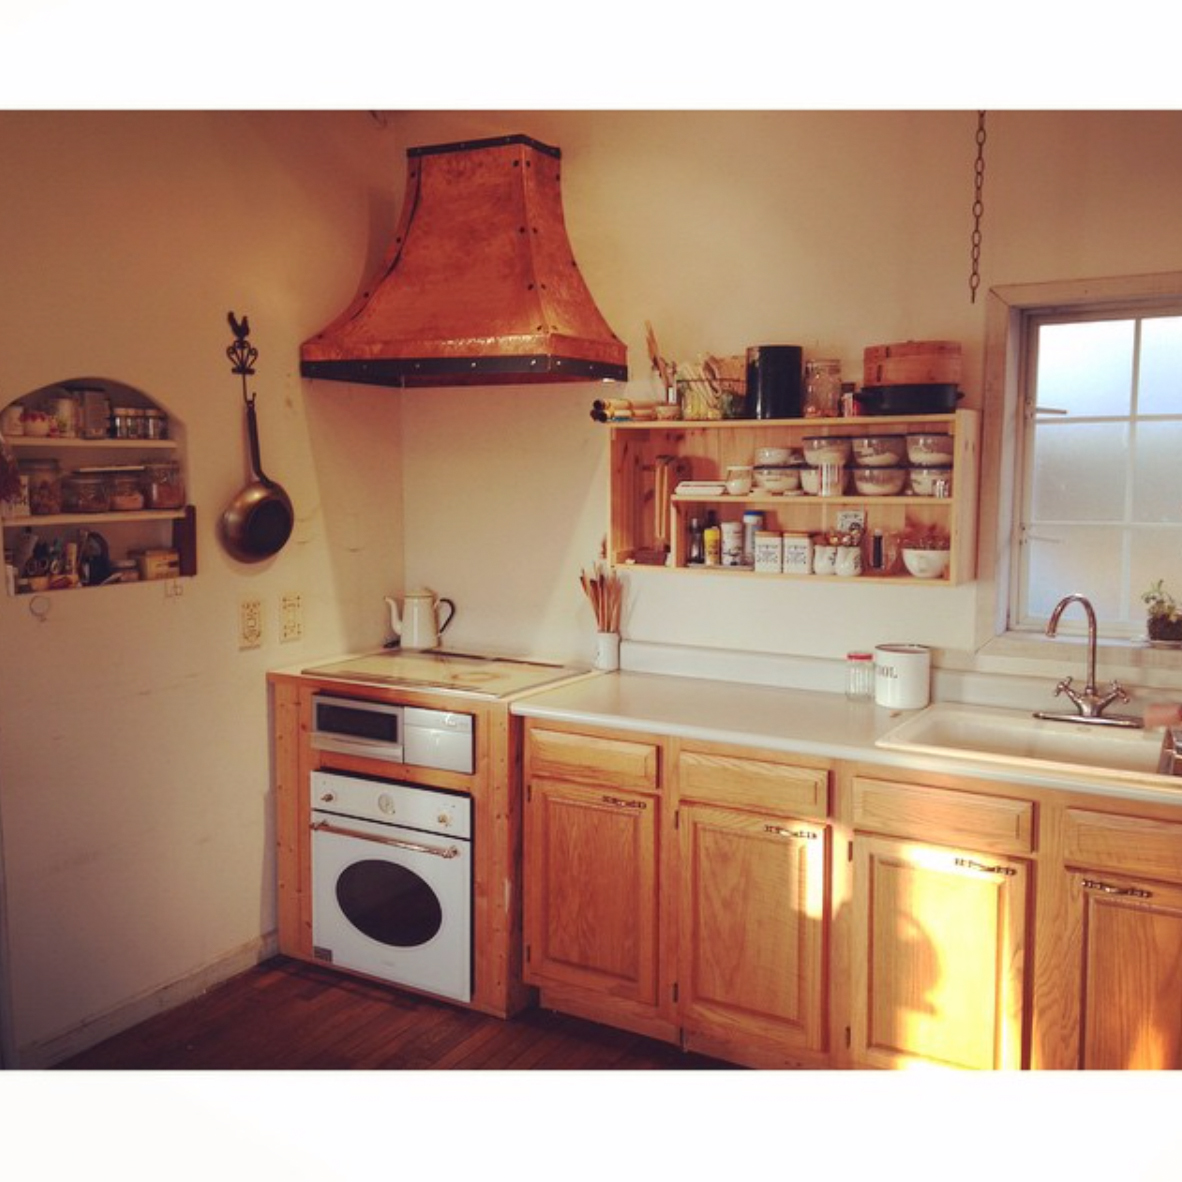 ピカピカのレンジフードのあるキッチン